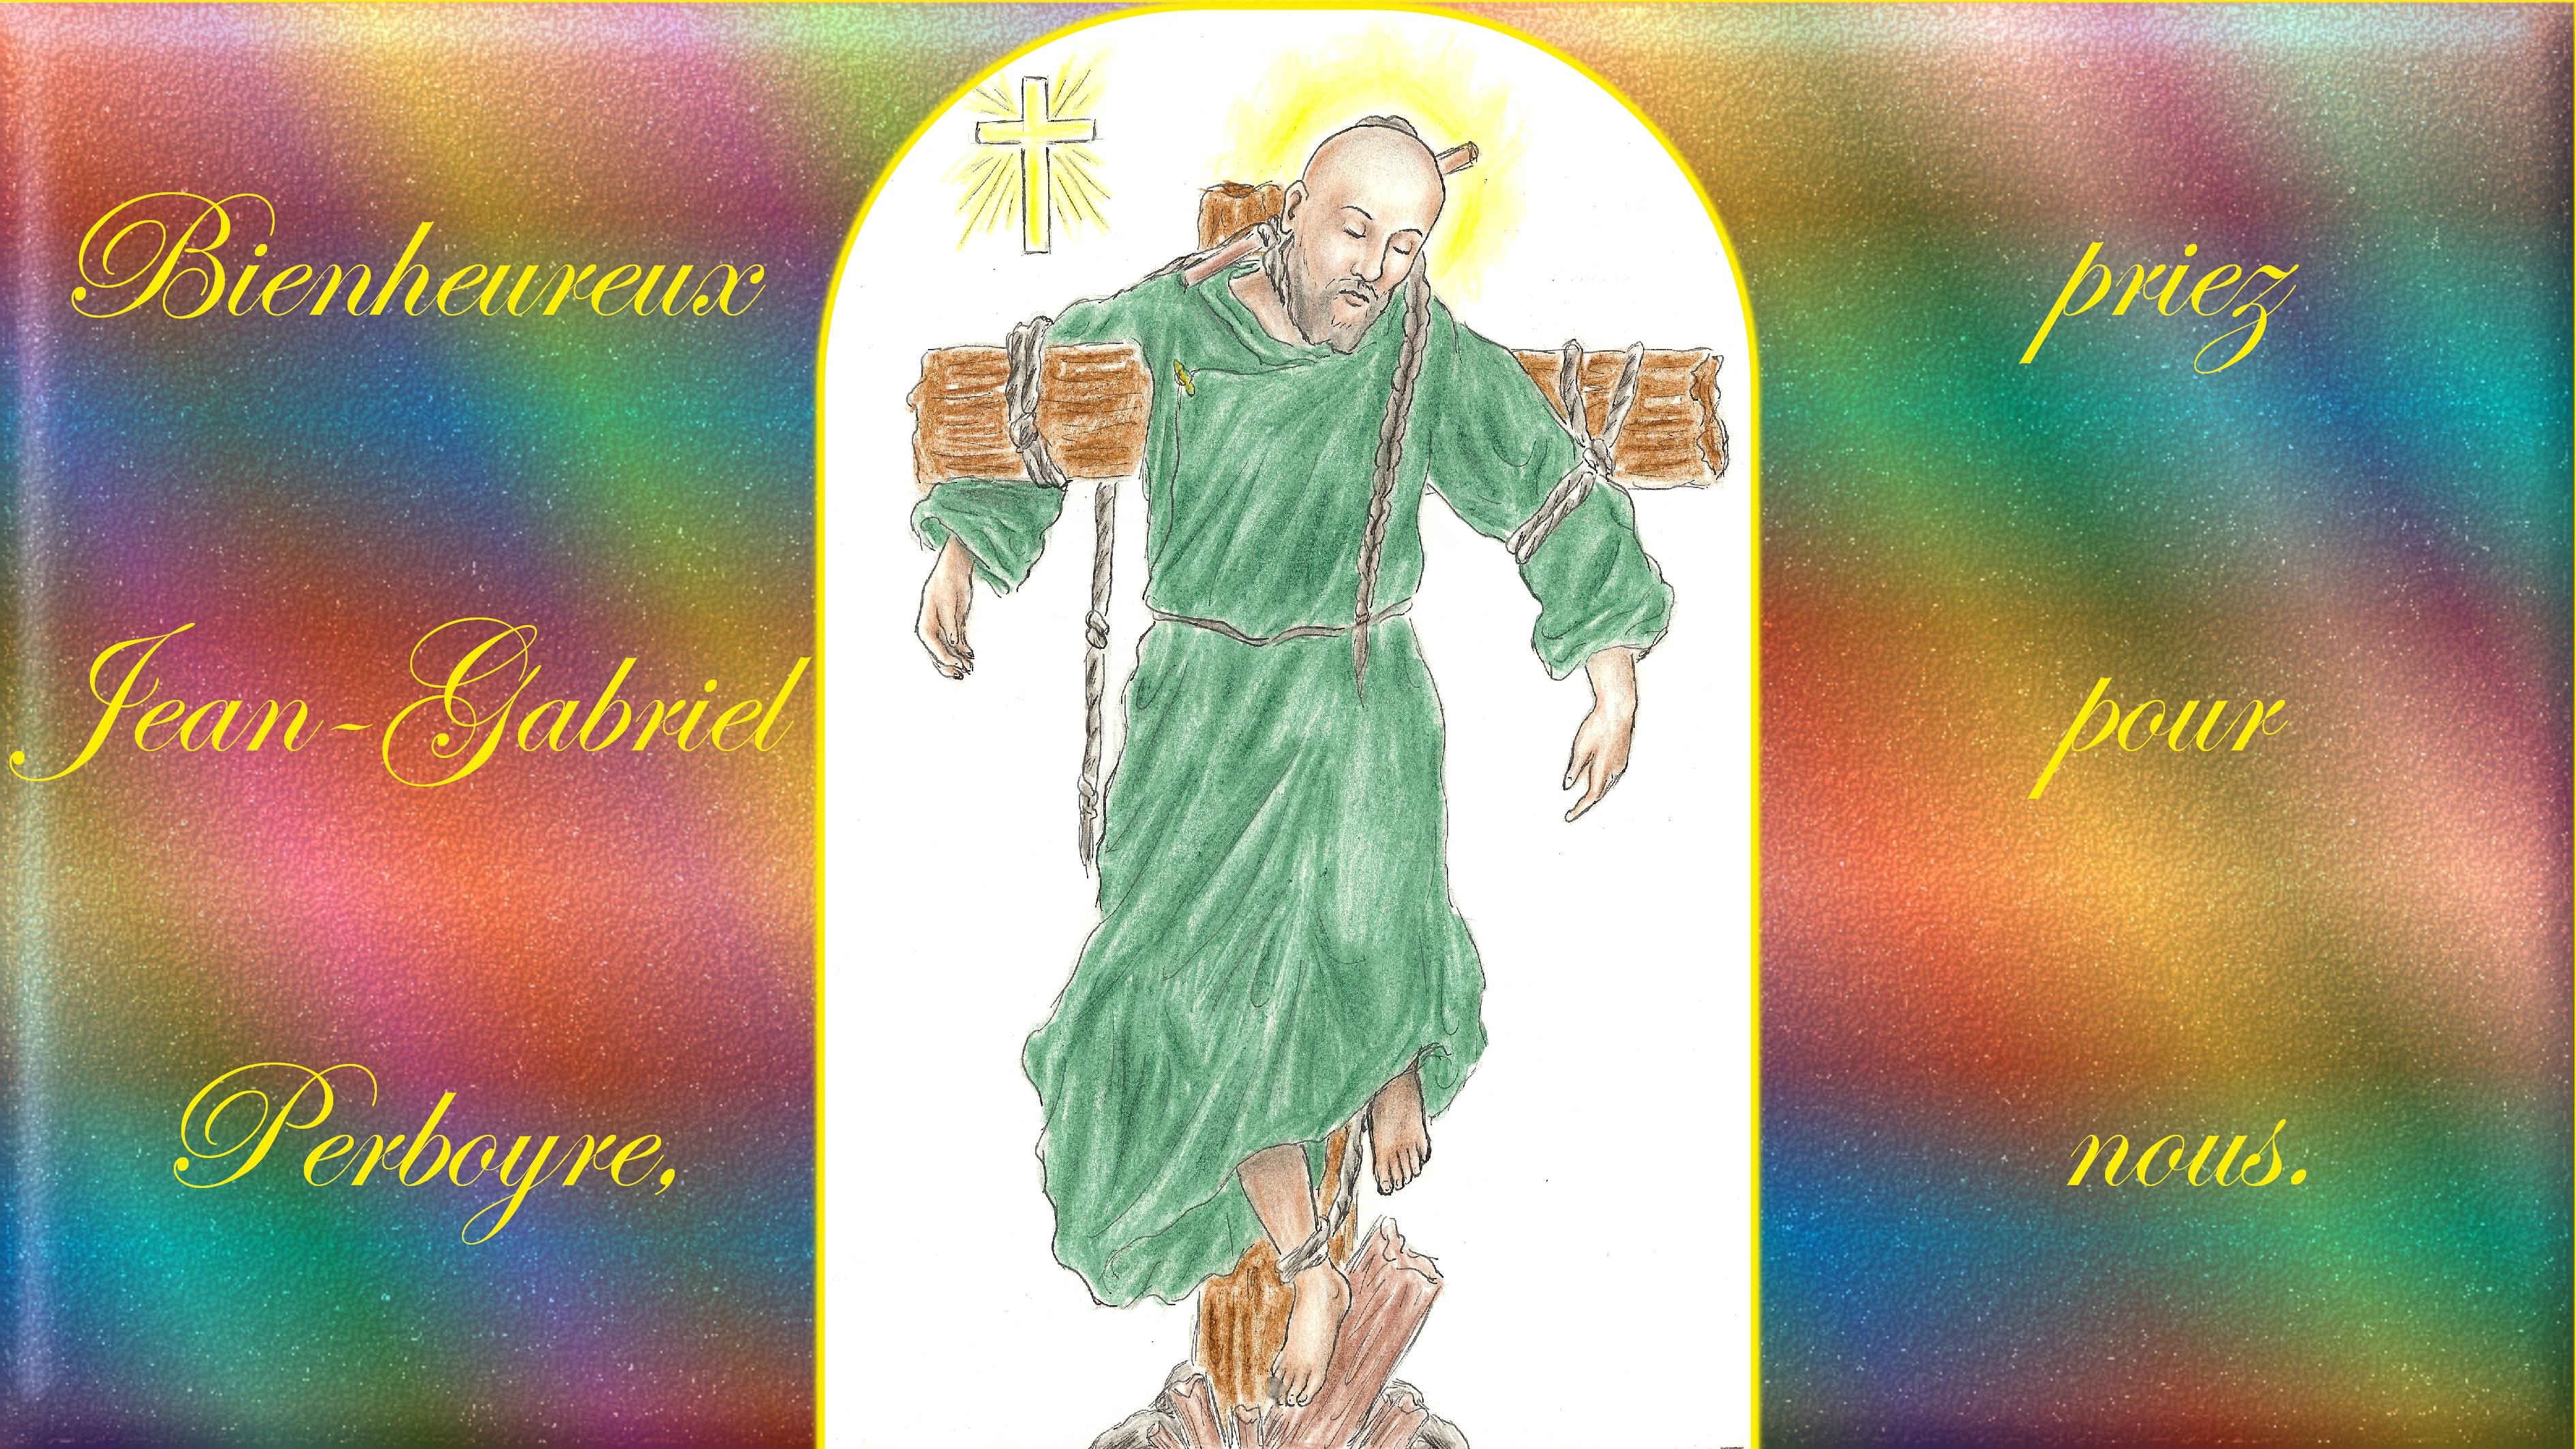 CALENDRIER CATHOLIQUE 2019 (Cantiques, Prières & Images) - Page 8 Bx-jean-gabriel-perboyre-568e145